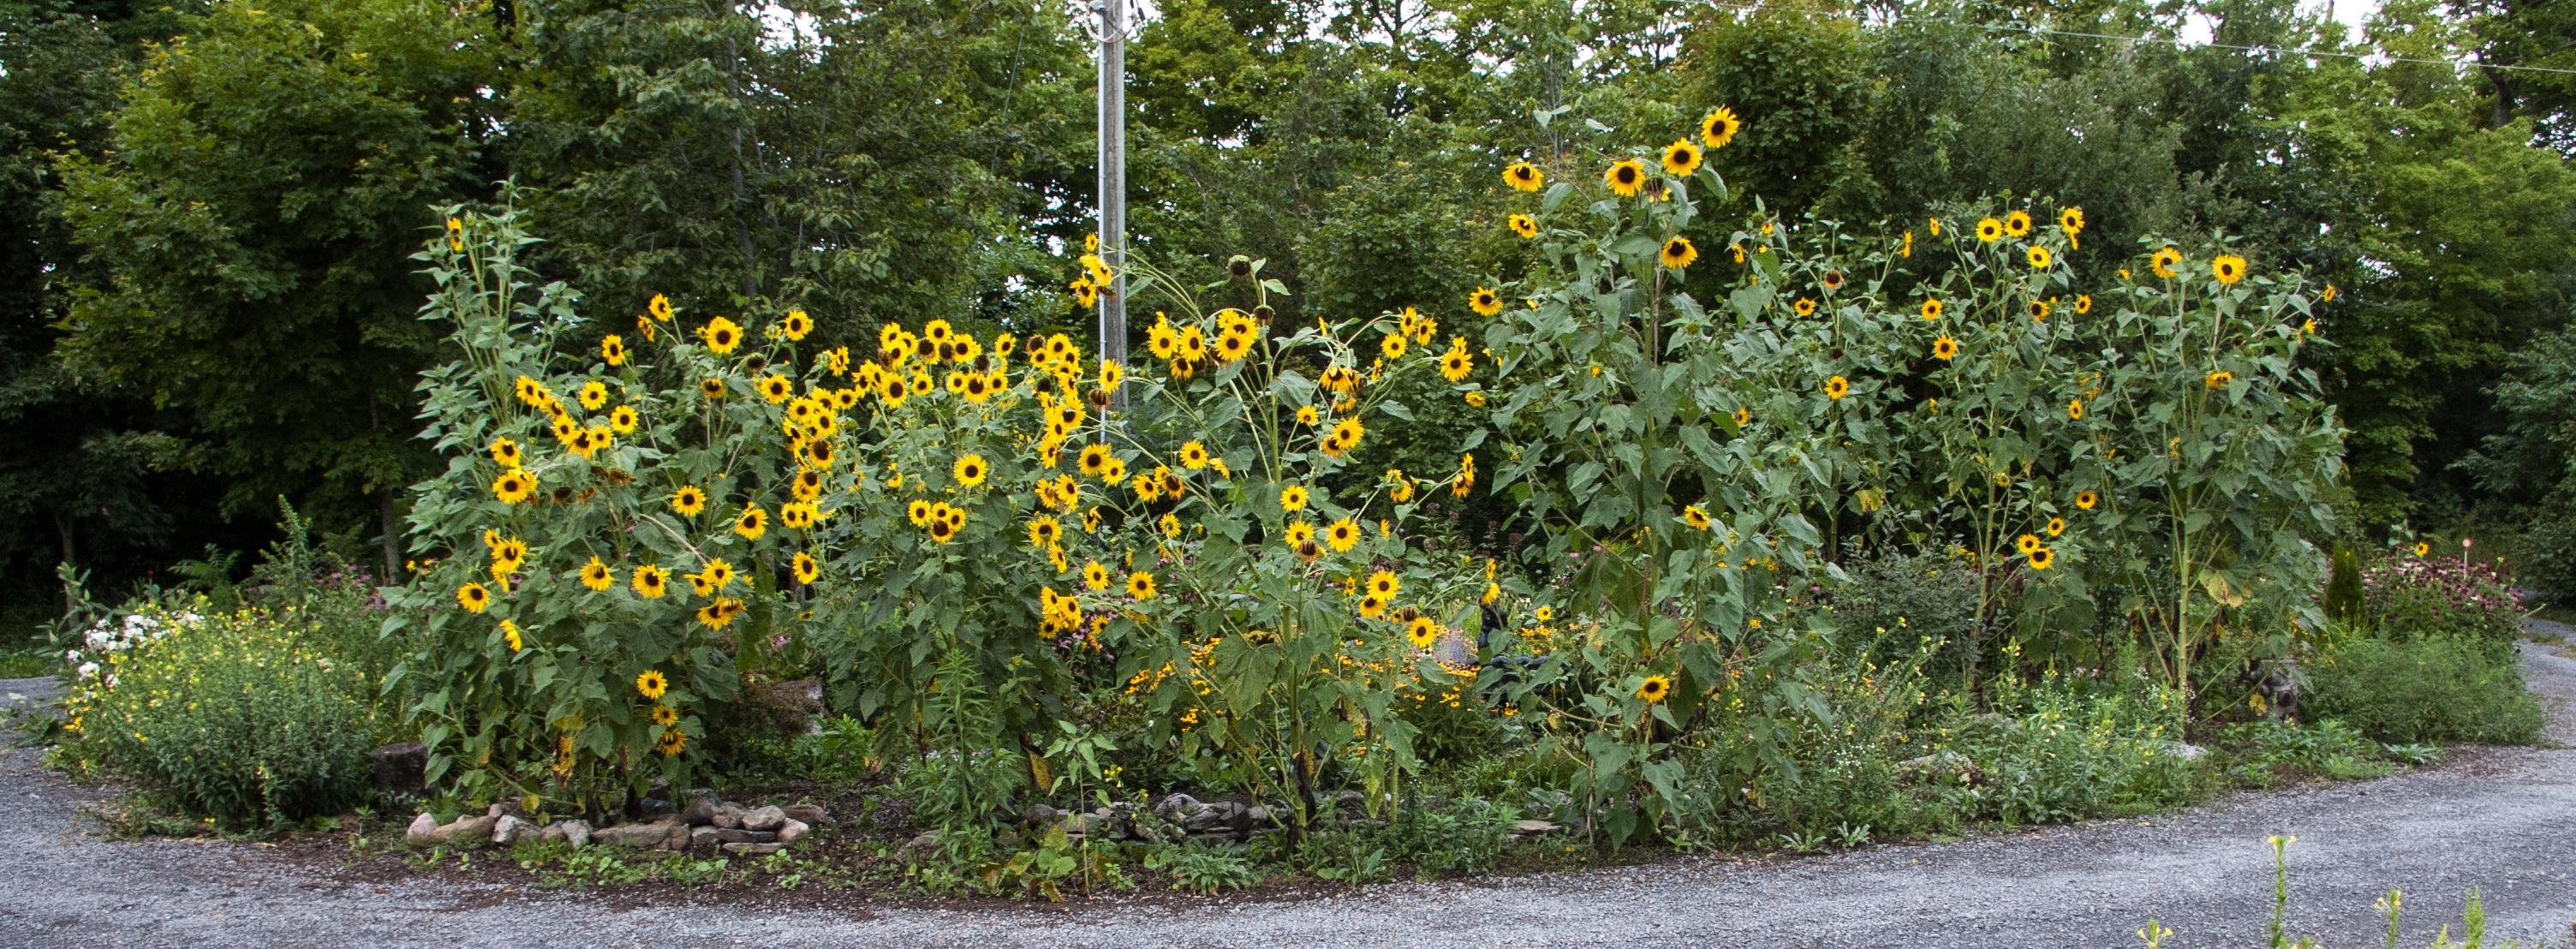 The Island Garden, August 18 2118